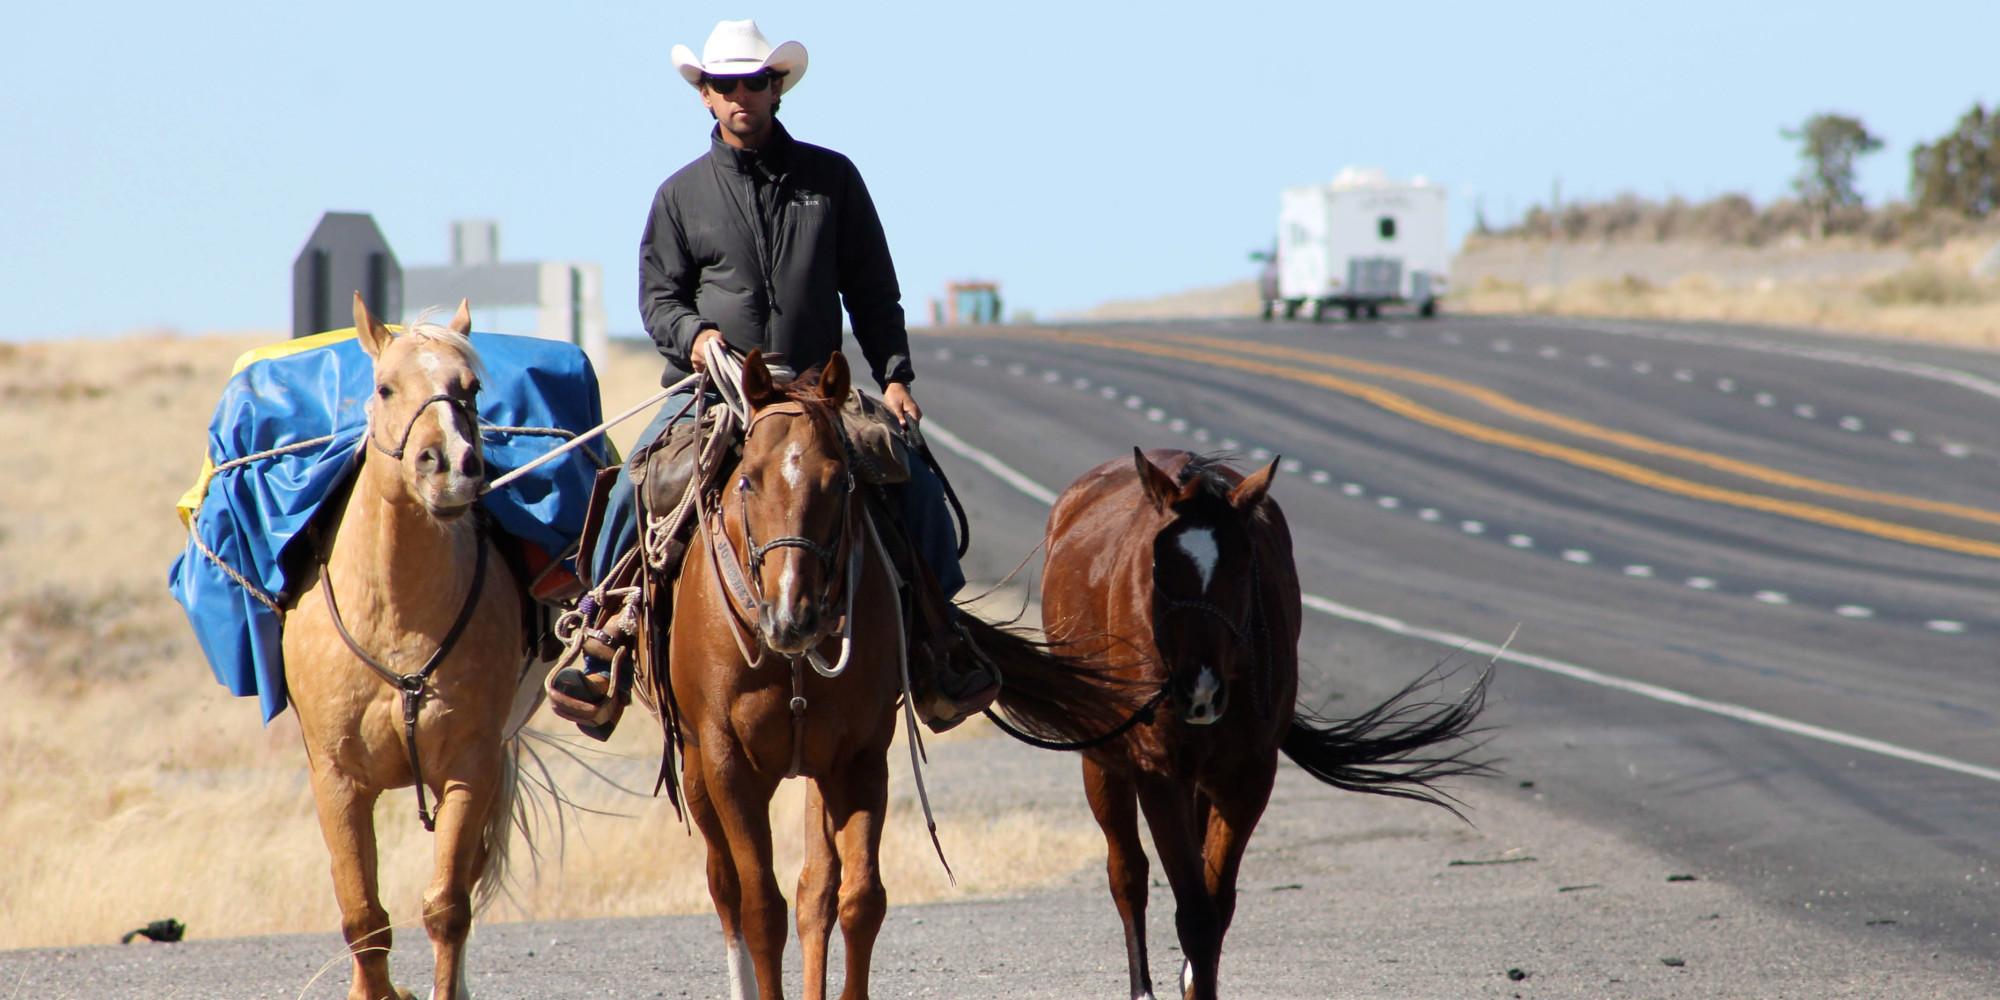 Filipe Masetti Leite Completes Horseback Ride To Brazil In